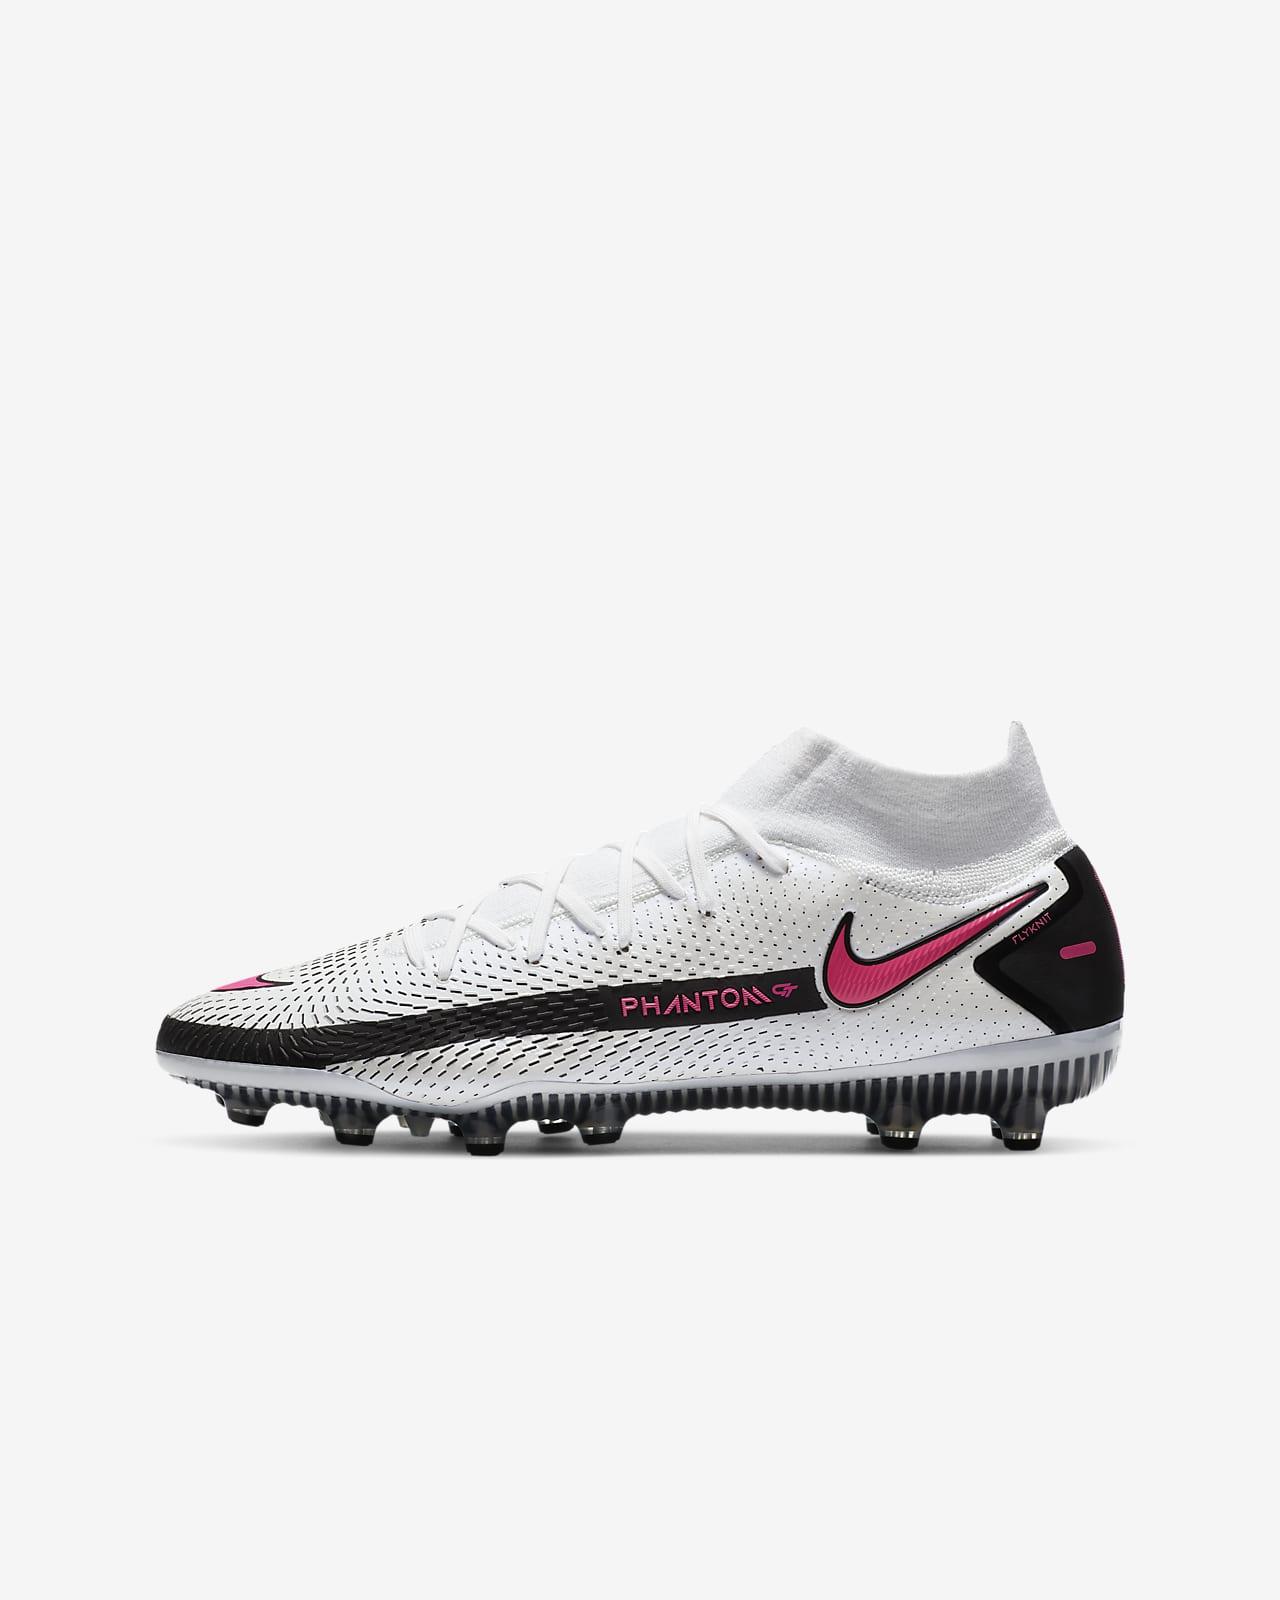 Fotbollssko för konstgräs Nike Phantom GT Elite Dynamic Fit AG-PRO